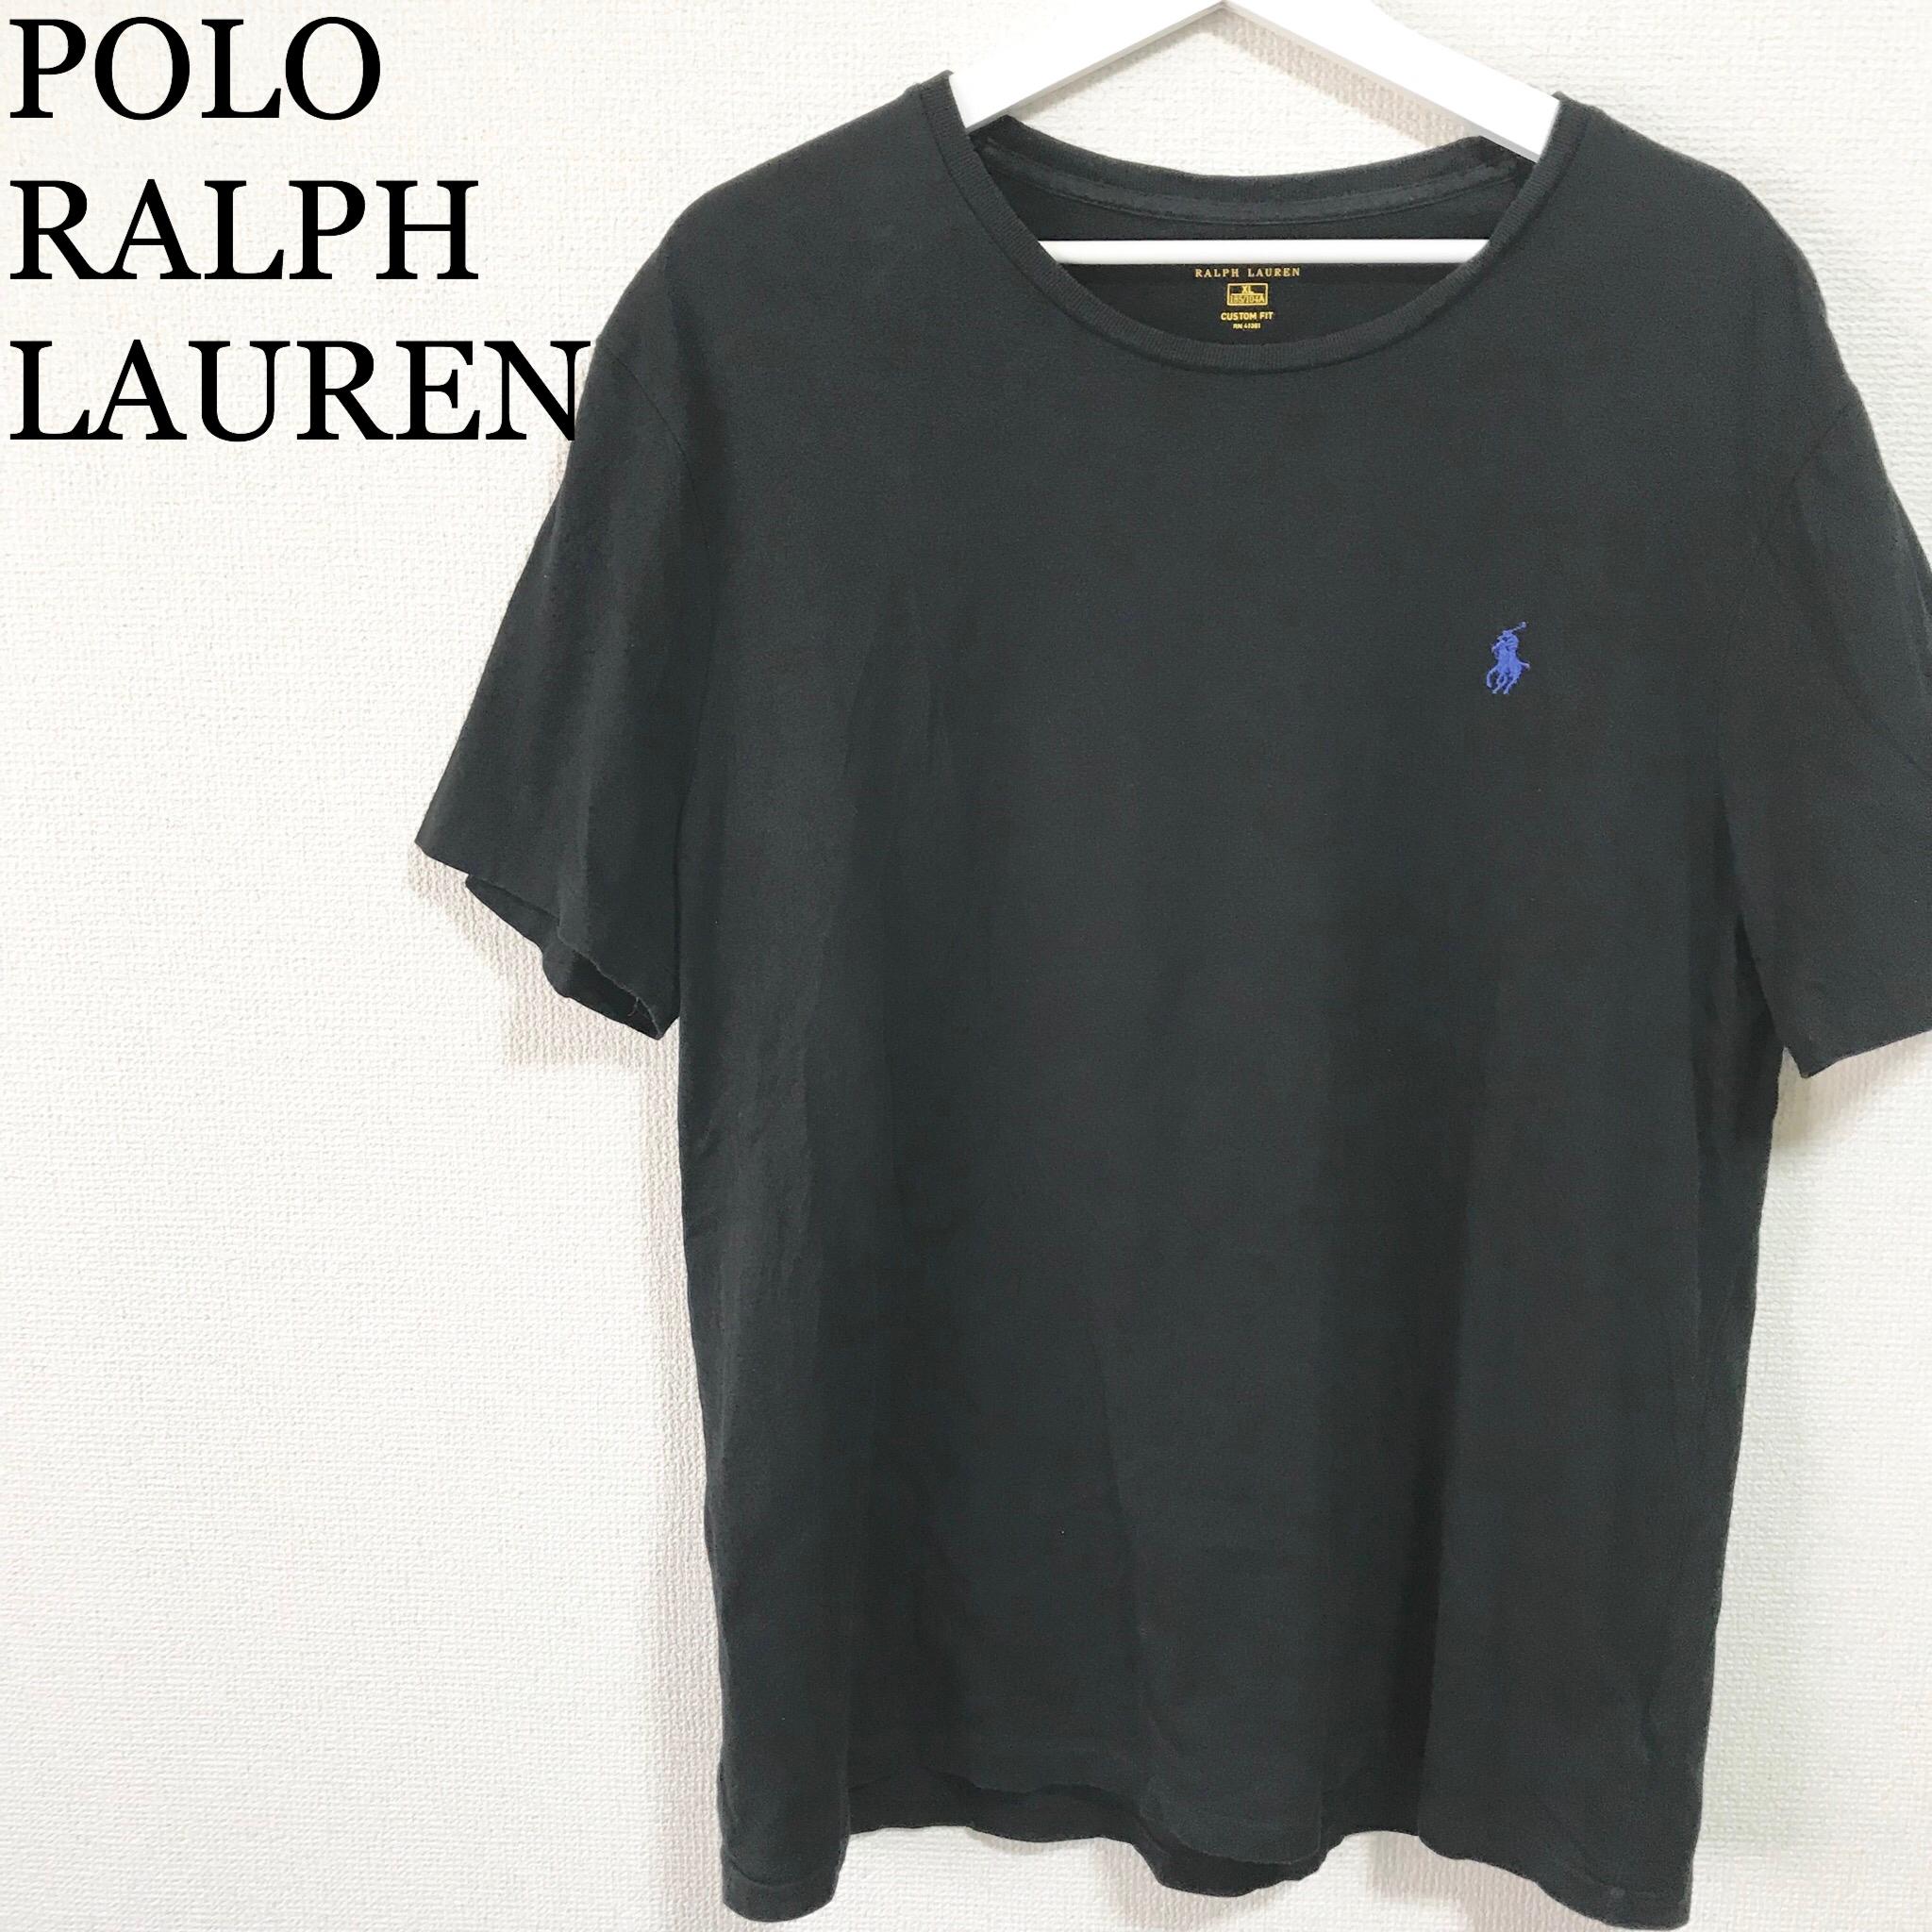 brand new a2e47 bb092 polo ralph lauren t shirt Herrenmode